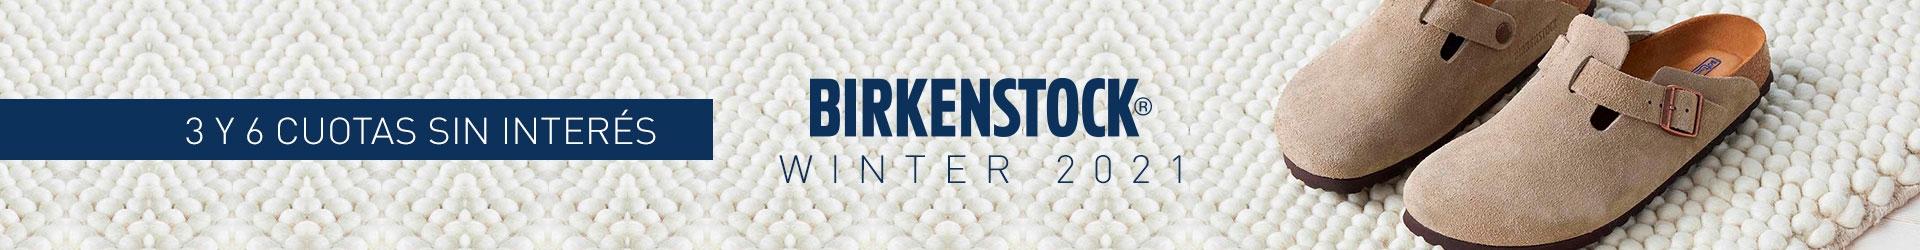 BIRKENSTOCK Winter 2021